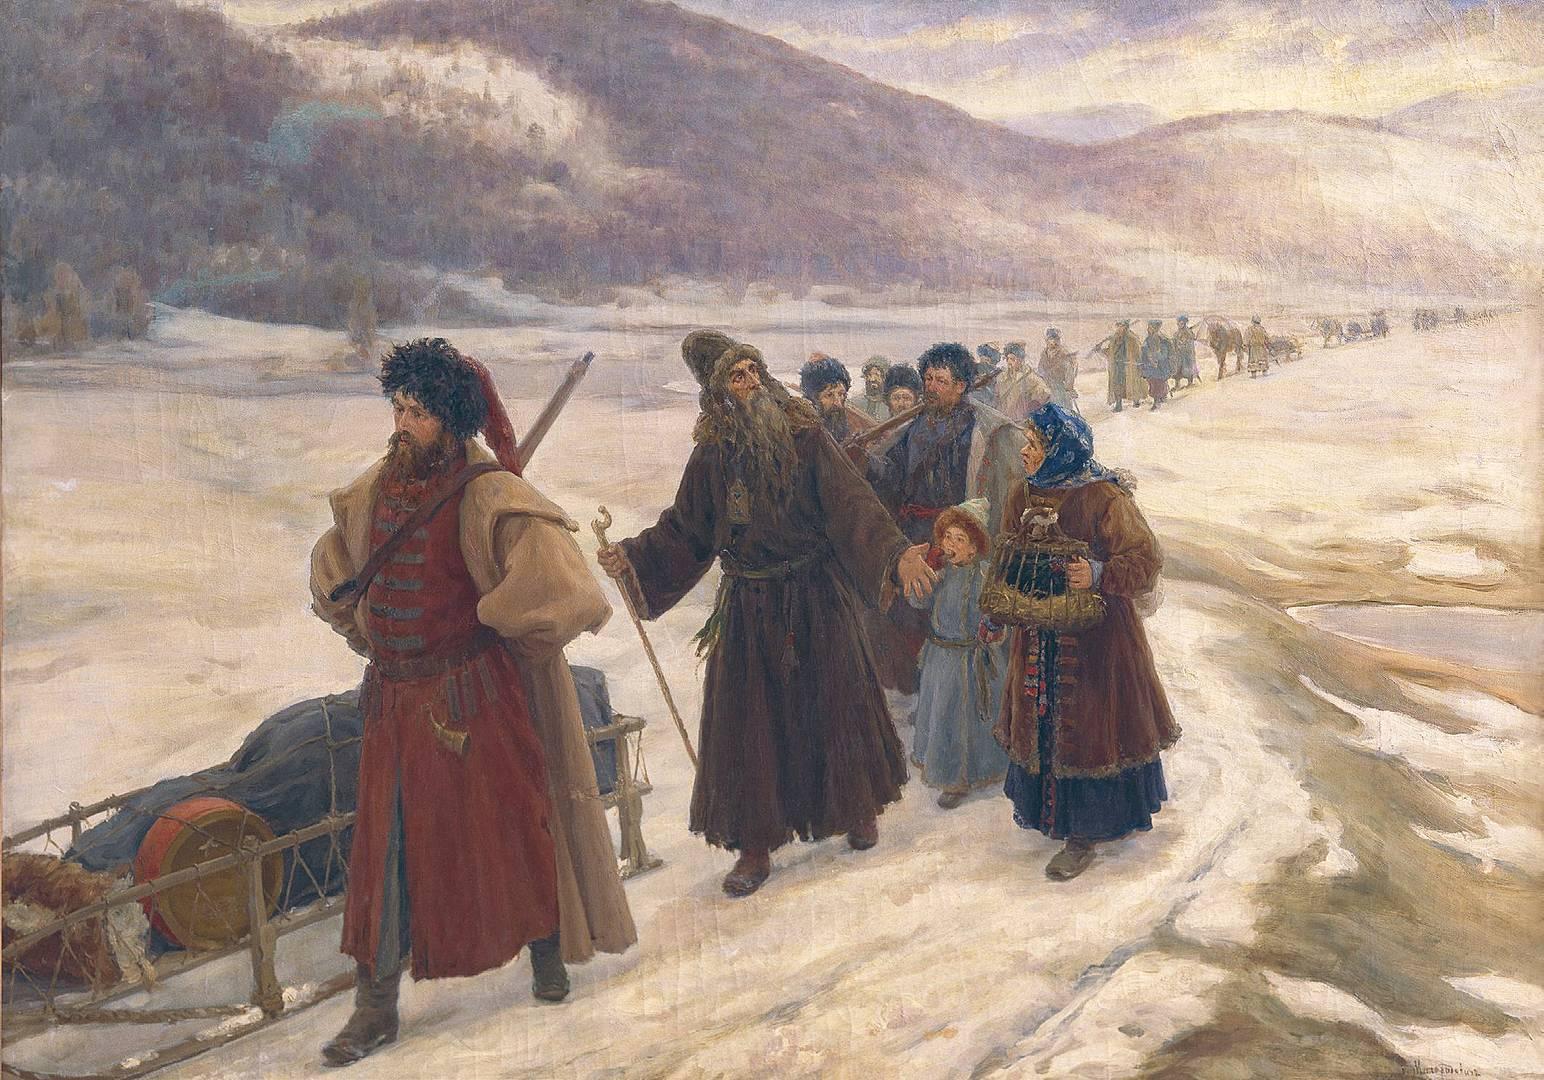 Avvakum in Siberia.jpg